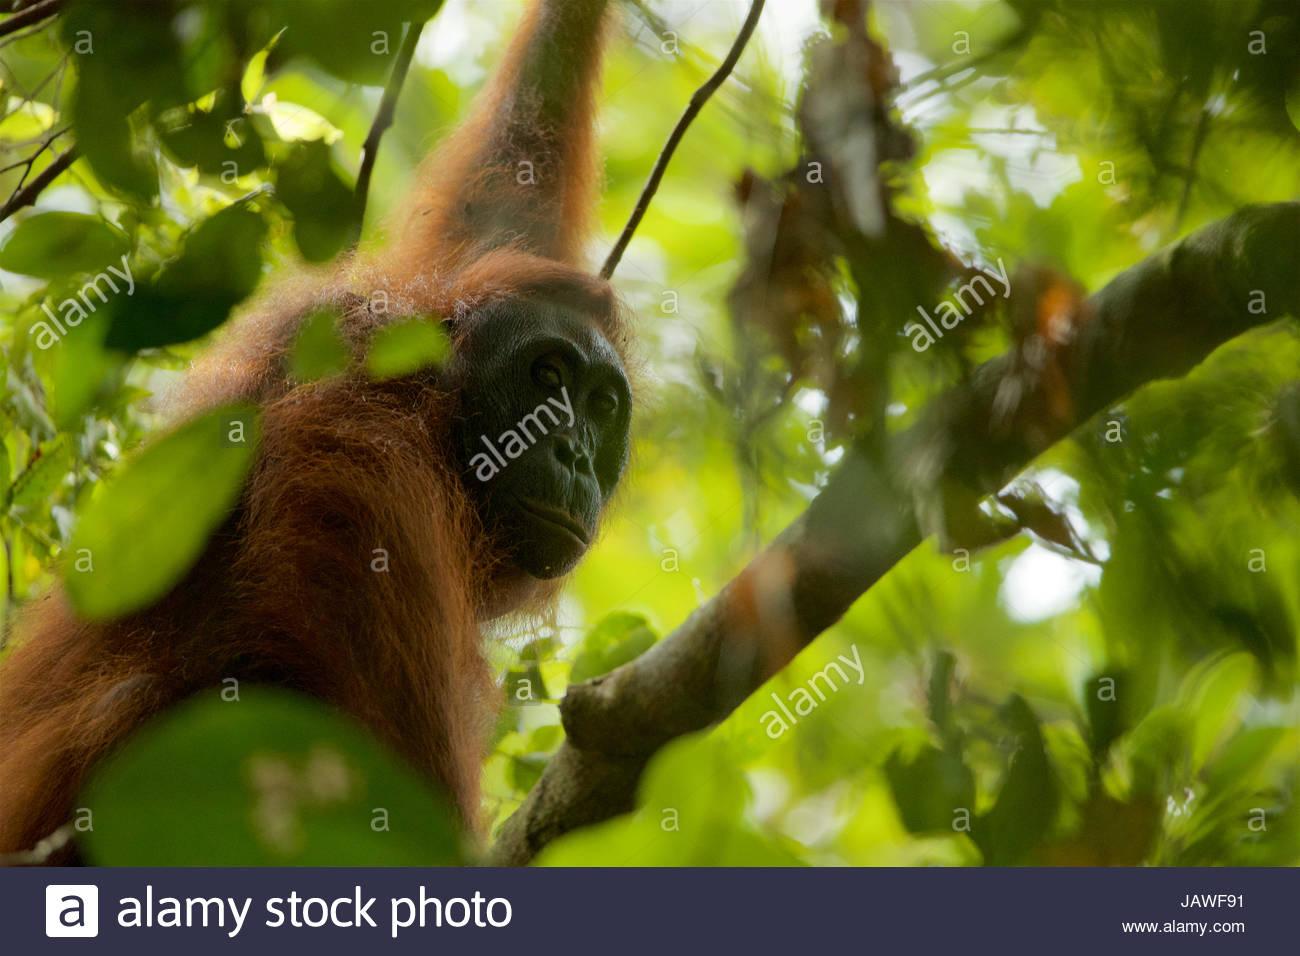 Una hembra orangután, Pongo pygmaeus wurmbii, descansa en un árbol en el Parque Nacional Gunung Palung. Imagen De Stock